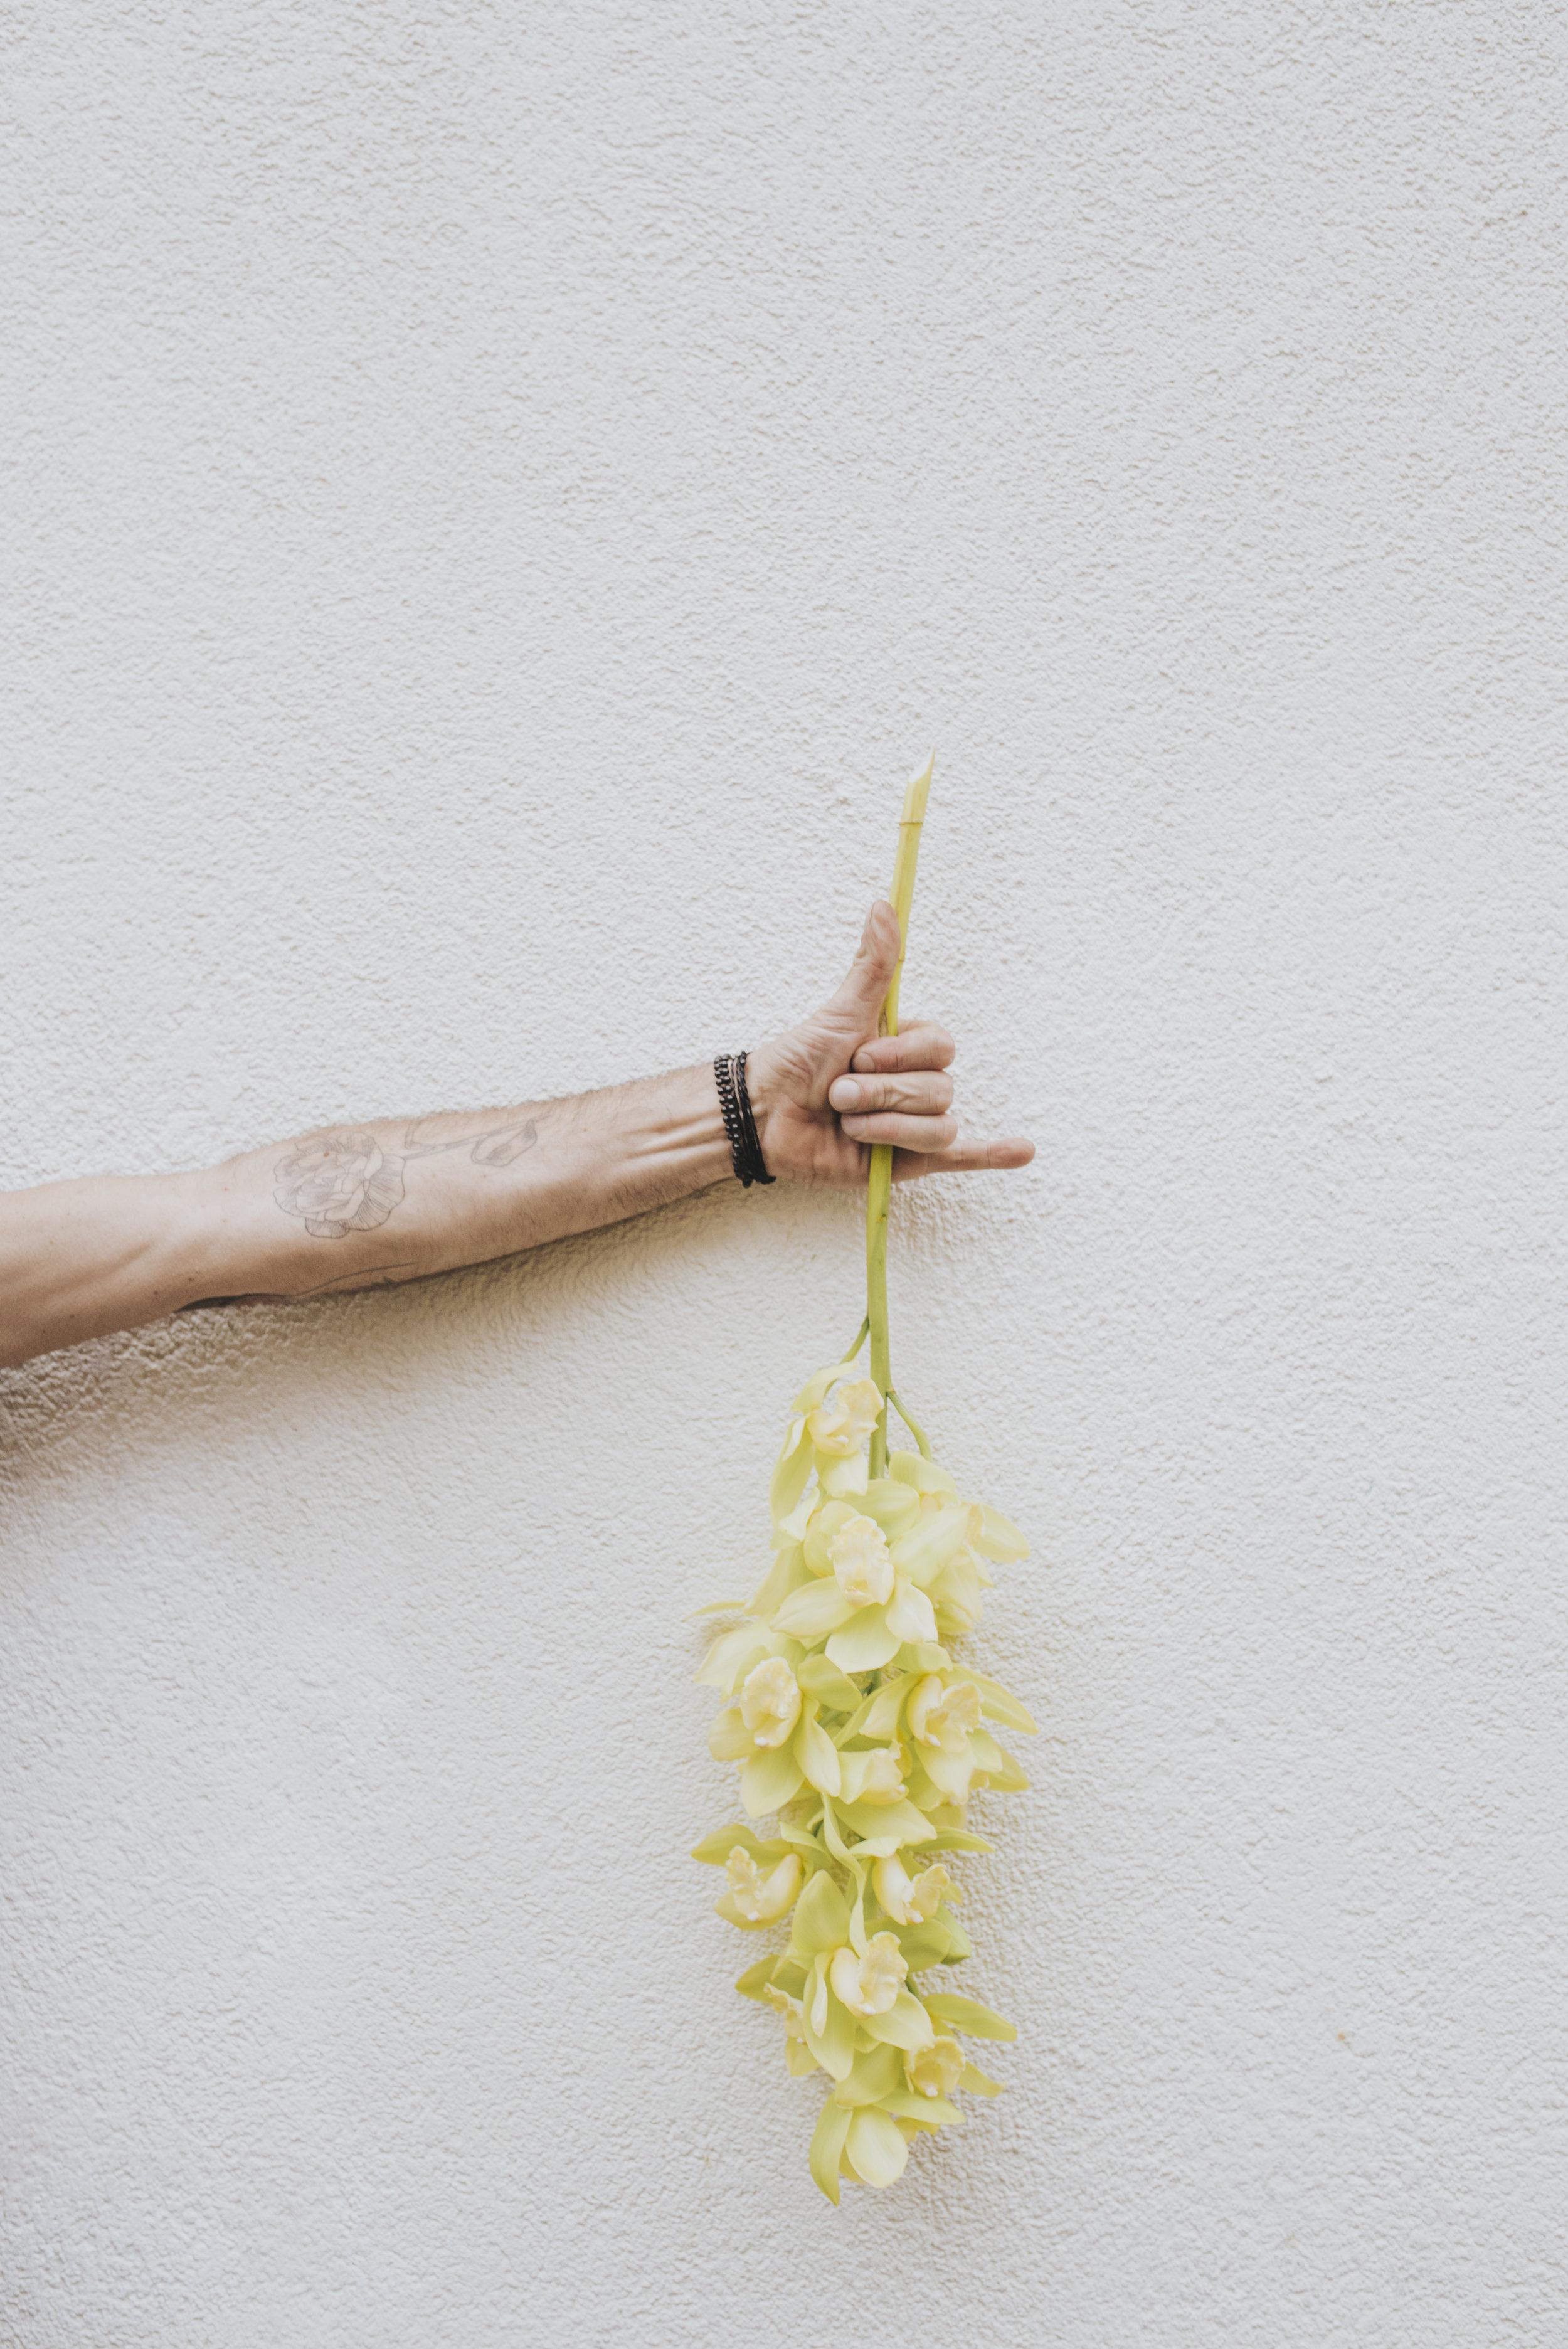 Flowershoot_FALL-92.jpg